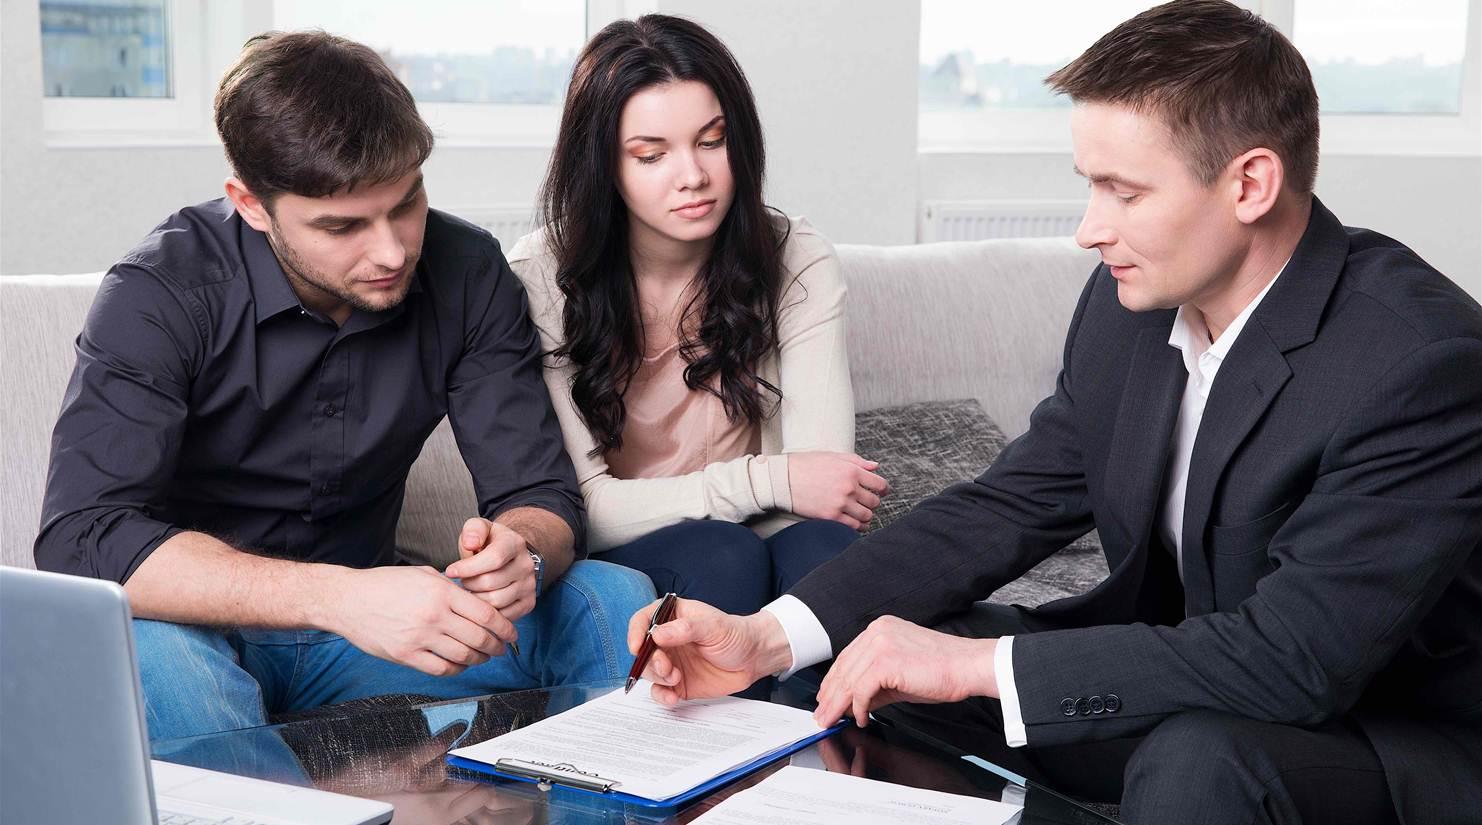 Nguyên tắc bán hàng bạn cần có để trở thành một nhân viên bán hàng chuyên nghiệp